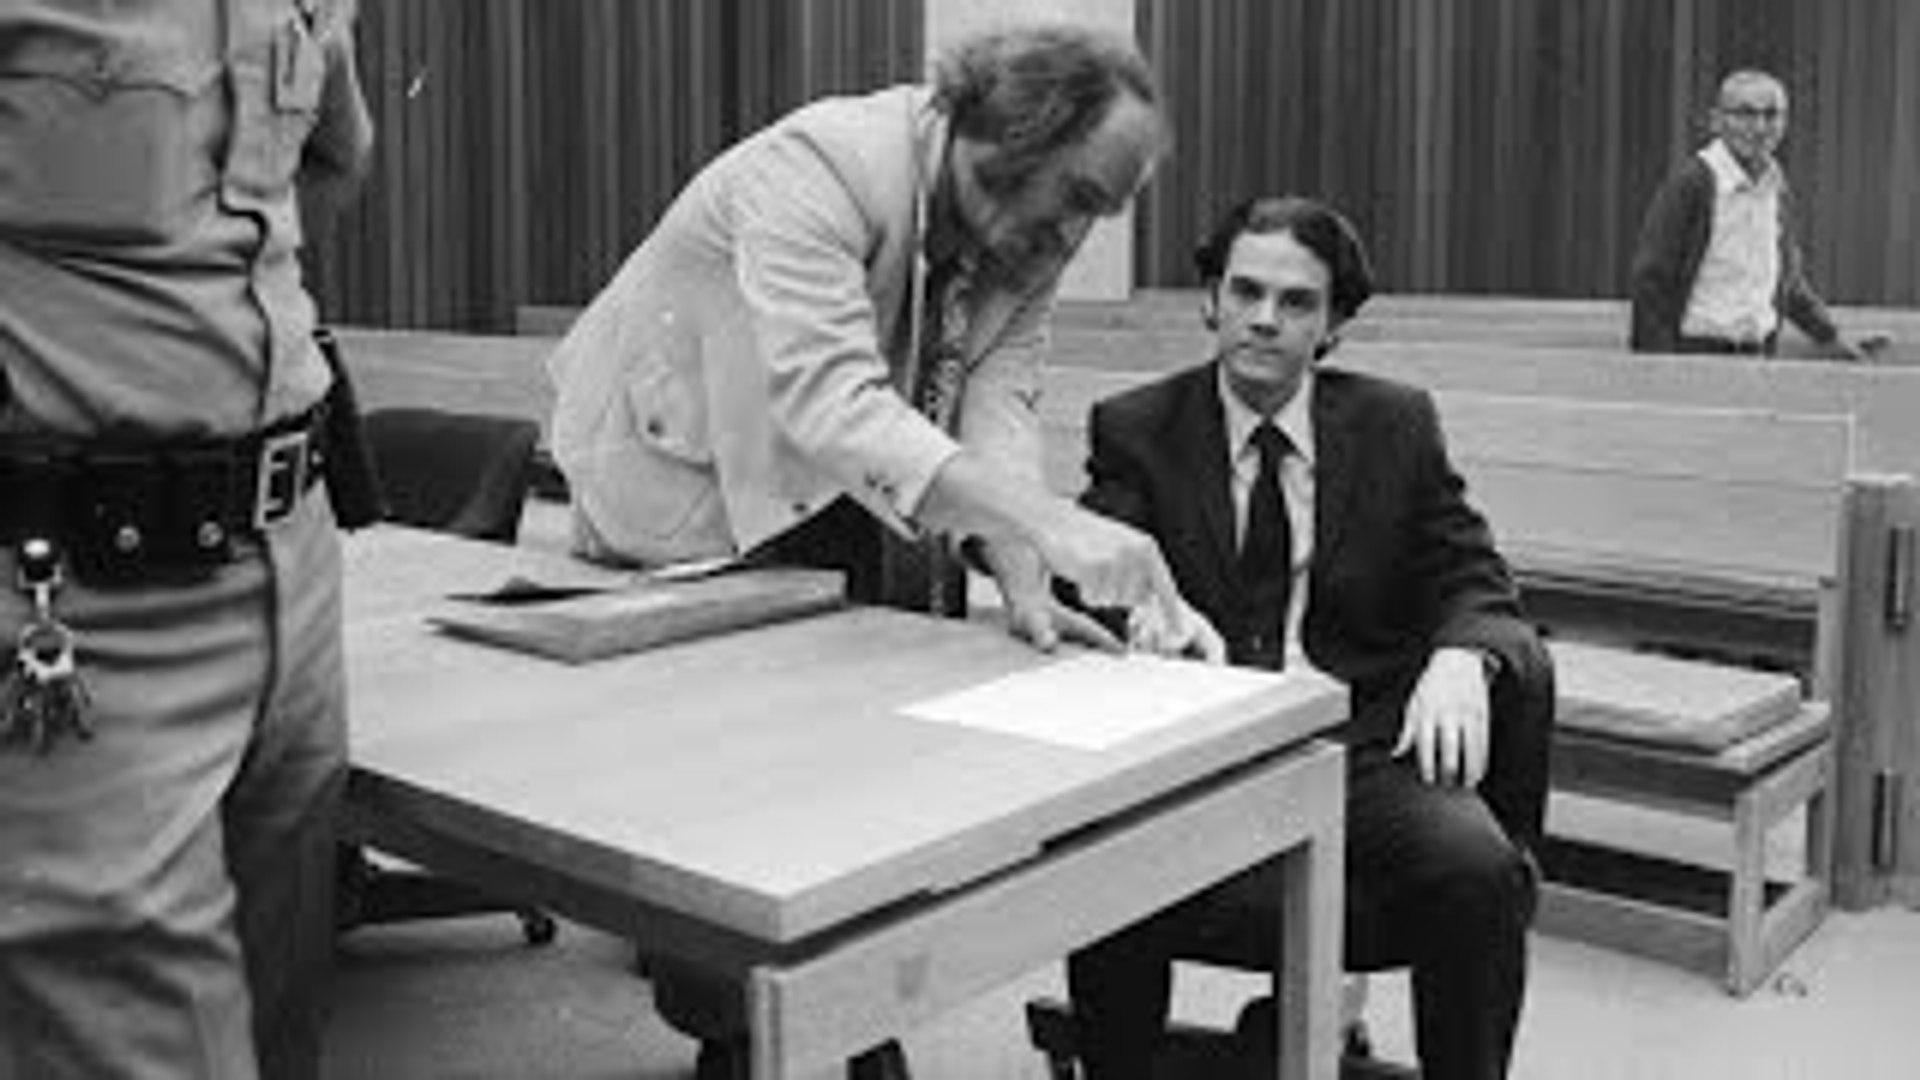 Herbert Mullin : Serial Killer Documentary